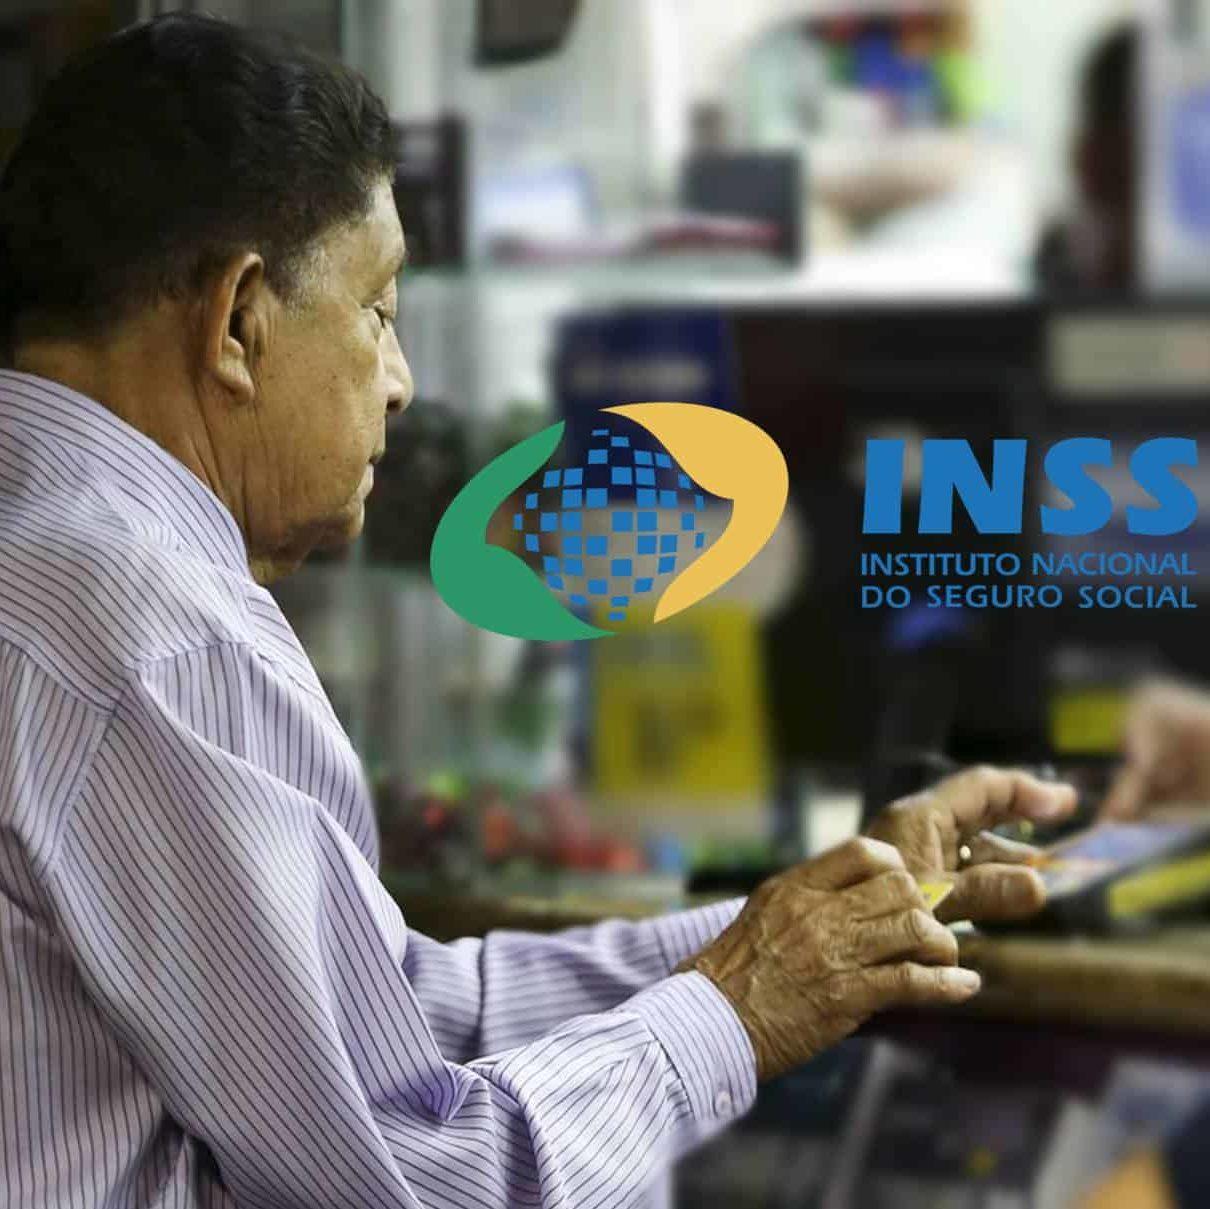 Benefício do INSS tem reajuste de 5,45% e teto sobe para R$ 6.433